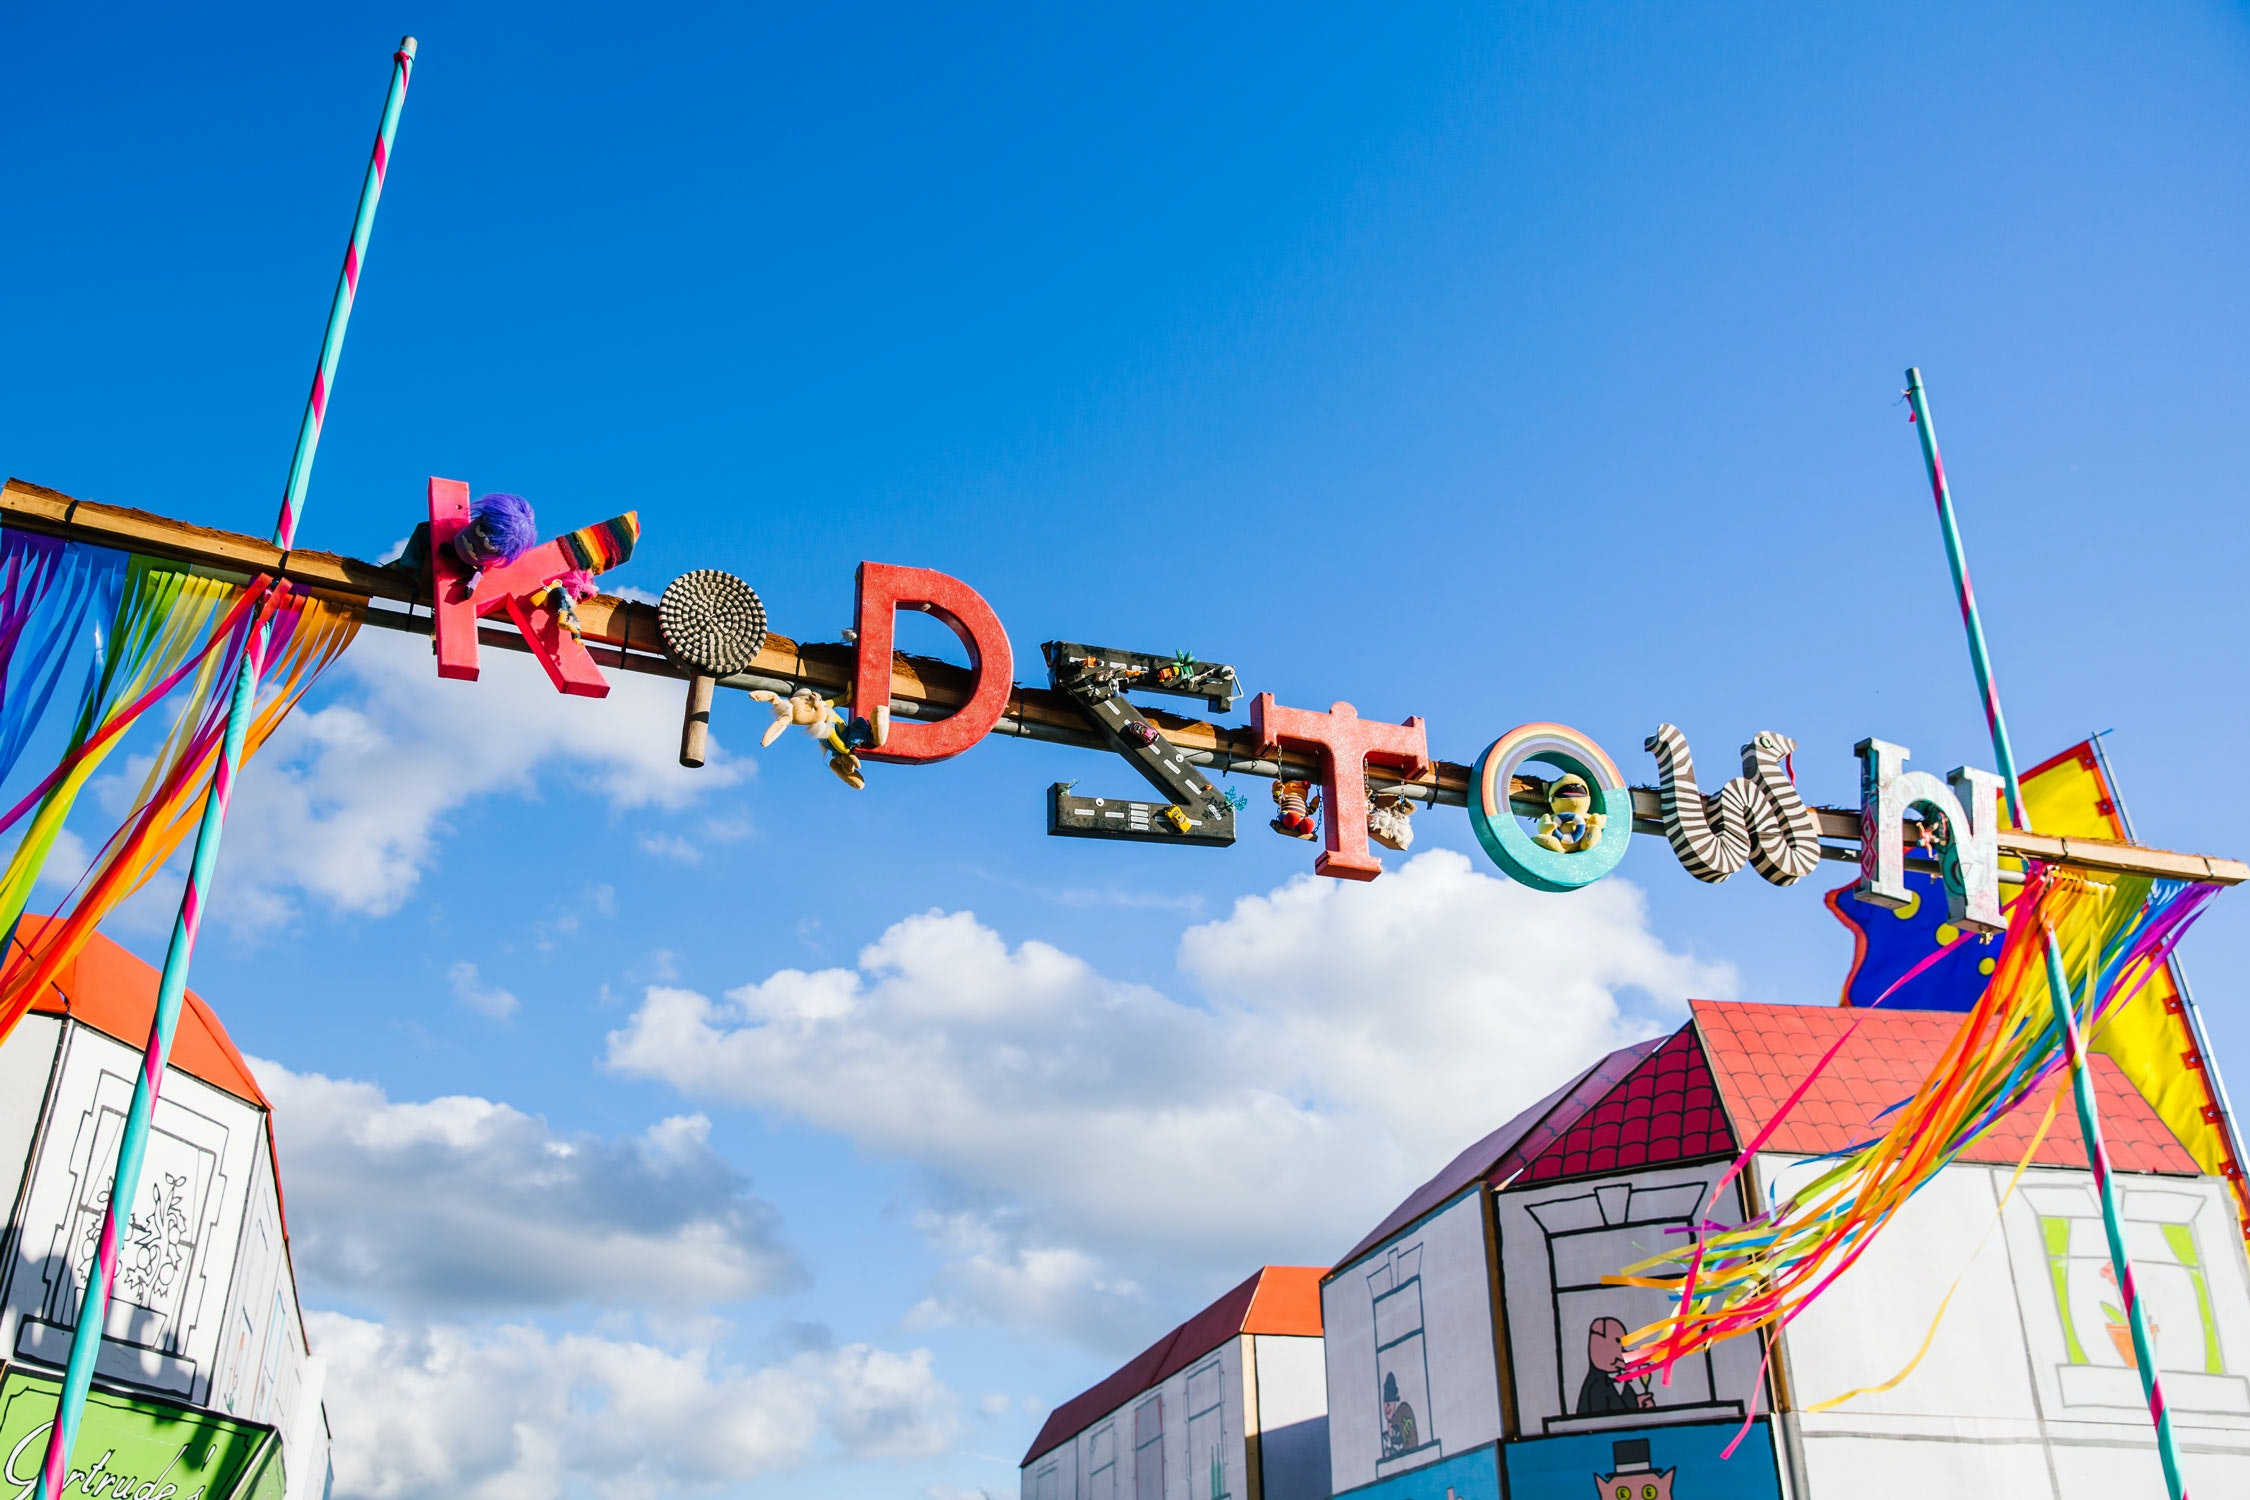 Kidztown Street Venues